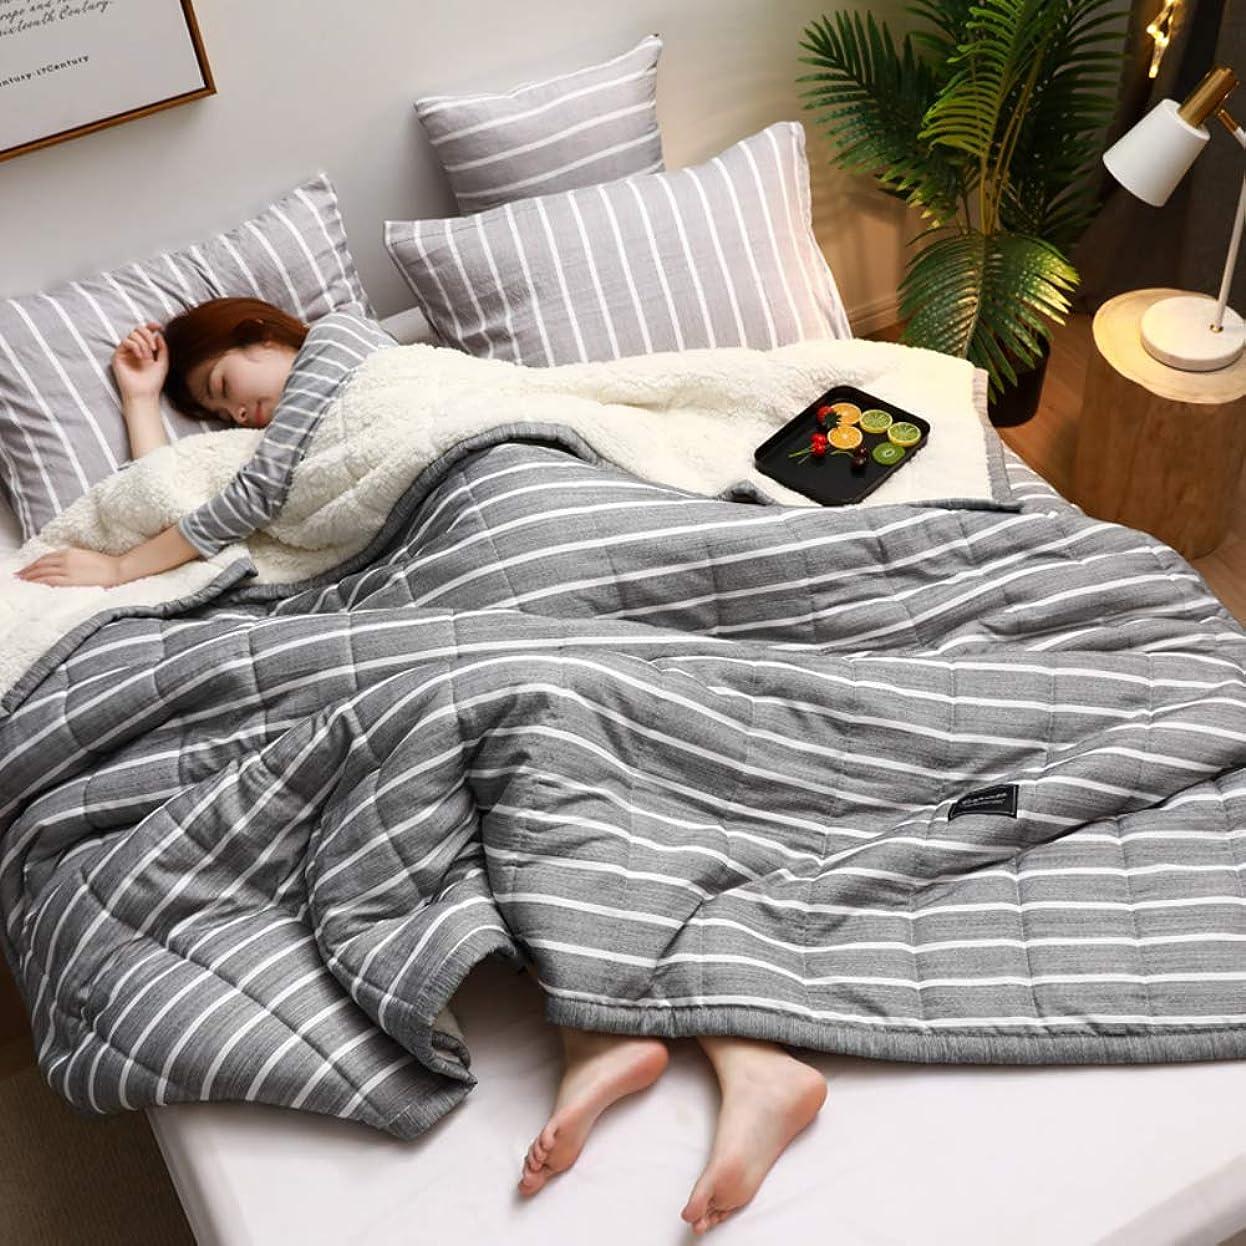 無心温度偏心ぬいぐるみブランケット,厚い 3-レイヤー 冬 暖かい 1 ダブル ベッド オフィス 日 (秒) 小さな毛布シート-d 150x200cm(59x79inch)